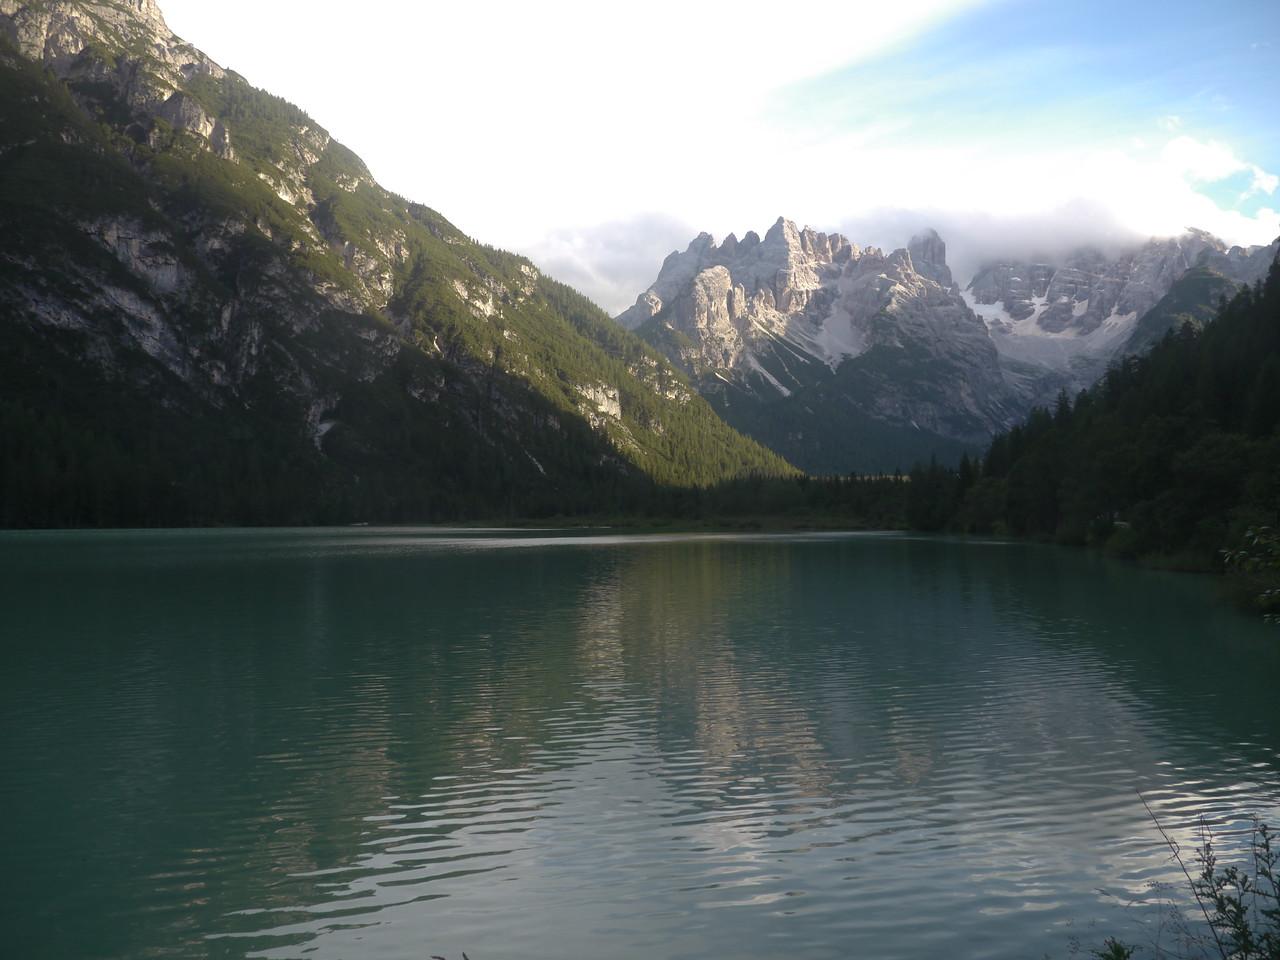 @ 2012 / Carbonin, Misurina, Veneto, ITA, Italien, 1403 m ü/M, 17/08/2014 19:05:55